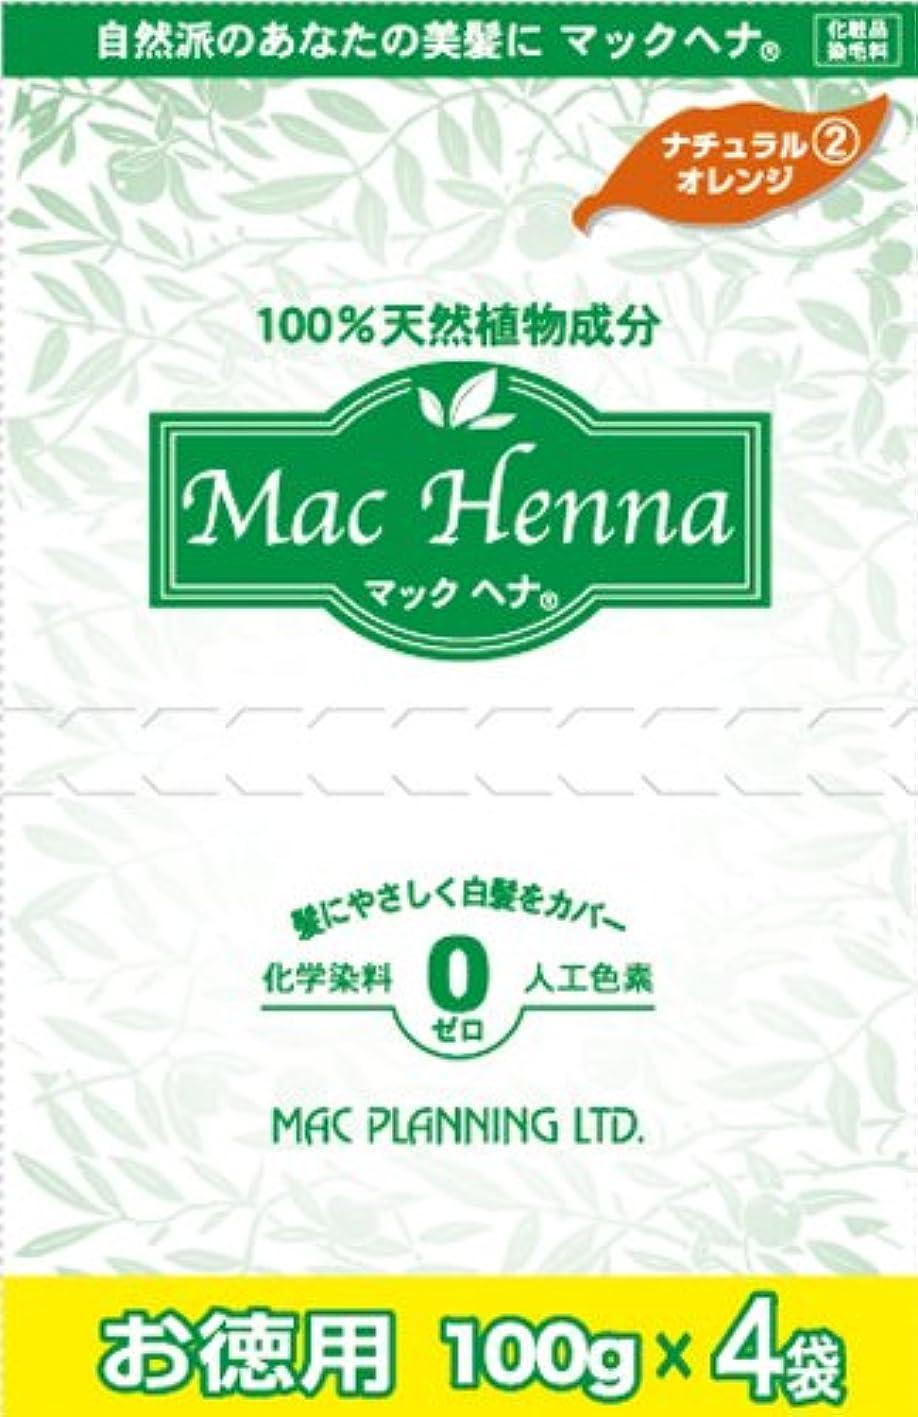 大聖堂コレクション是正する天然植物原料100% 無添加 マックヘナ お徳用(ナチュラルオレンジ)-2  400g(100g×4袋) 2箱セット